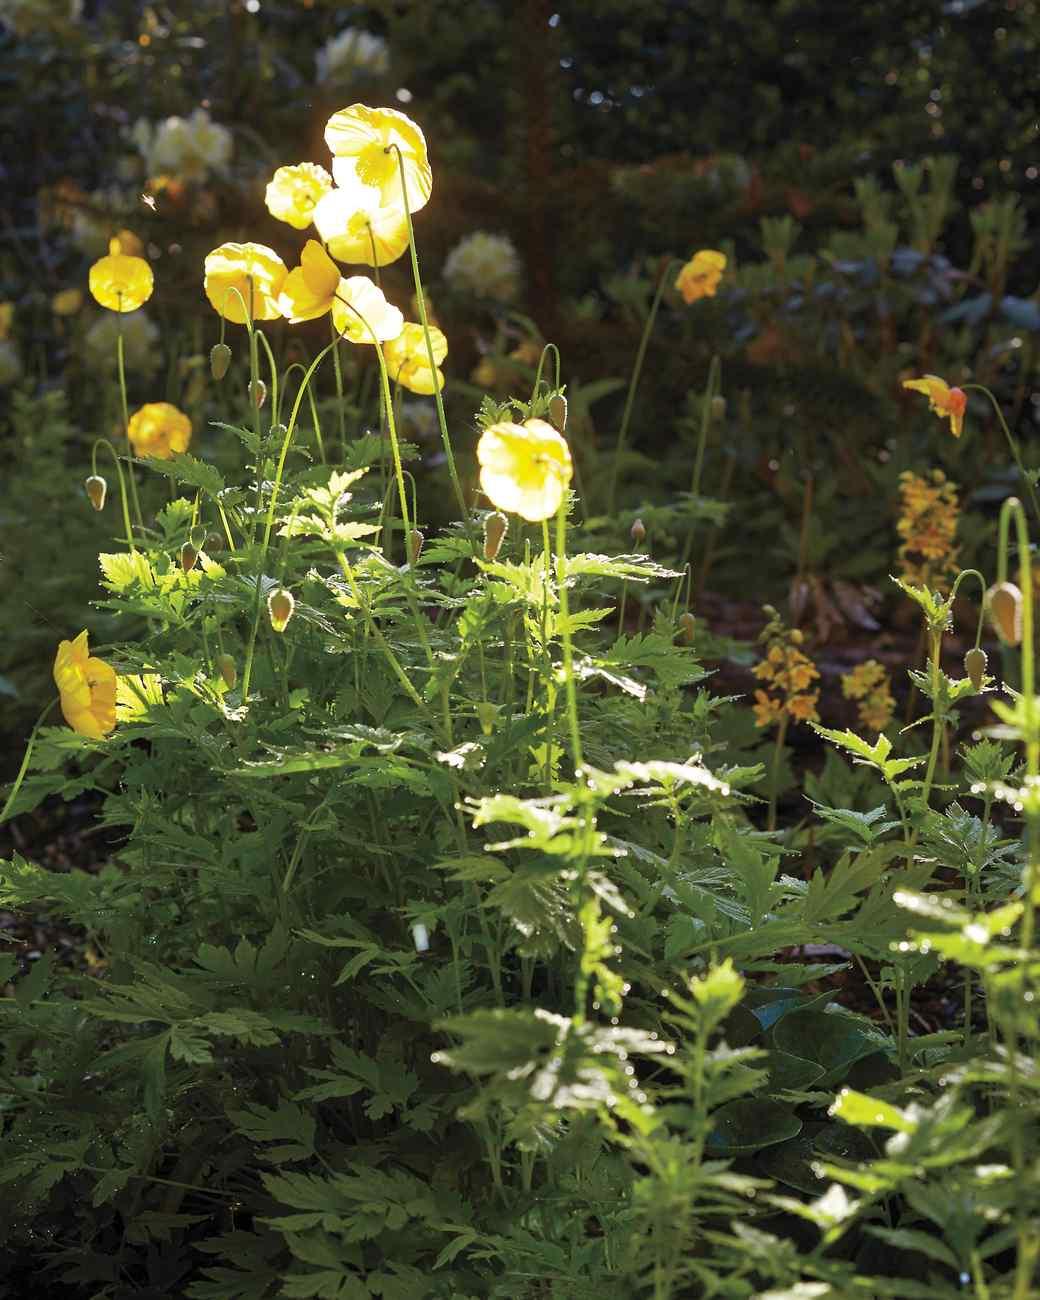 sakonnet-garden-rhode-island-0157-d112230-0216.jpg